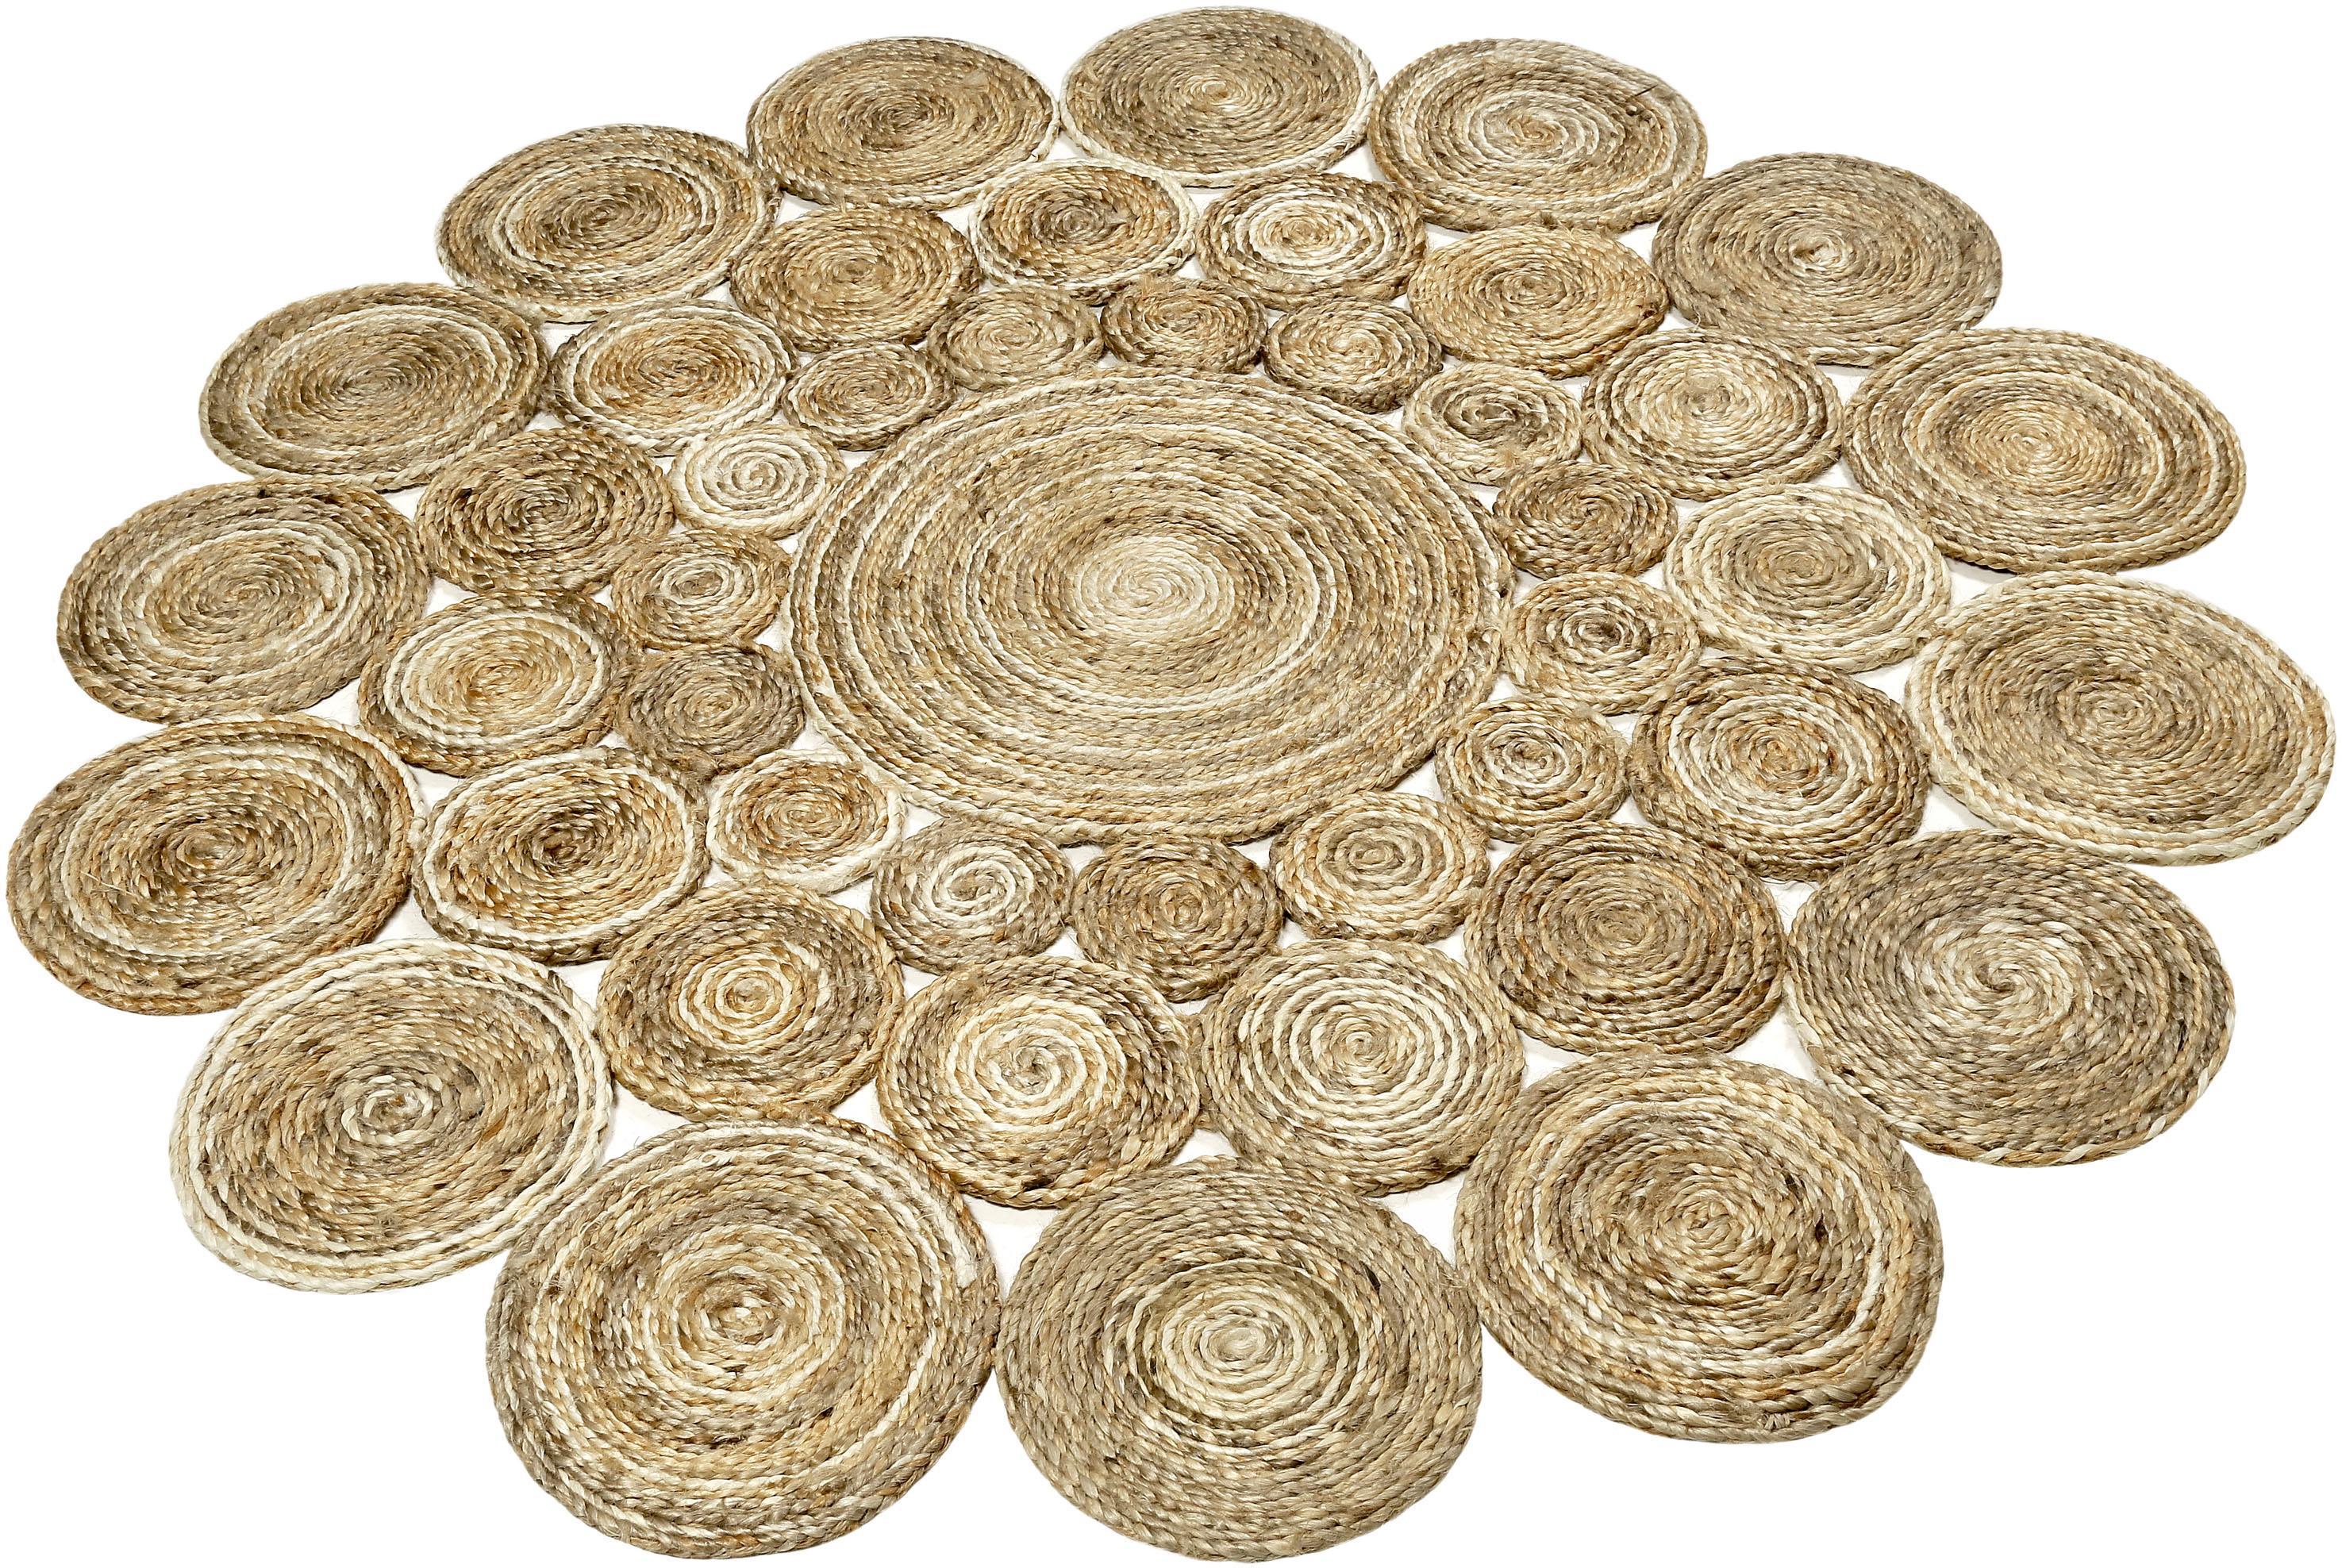 Teppich Ceycle Nature Esprit rund Höhe 7 mm handgewebt